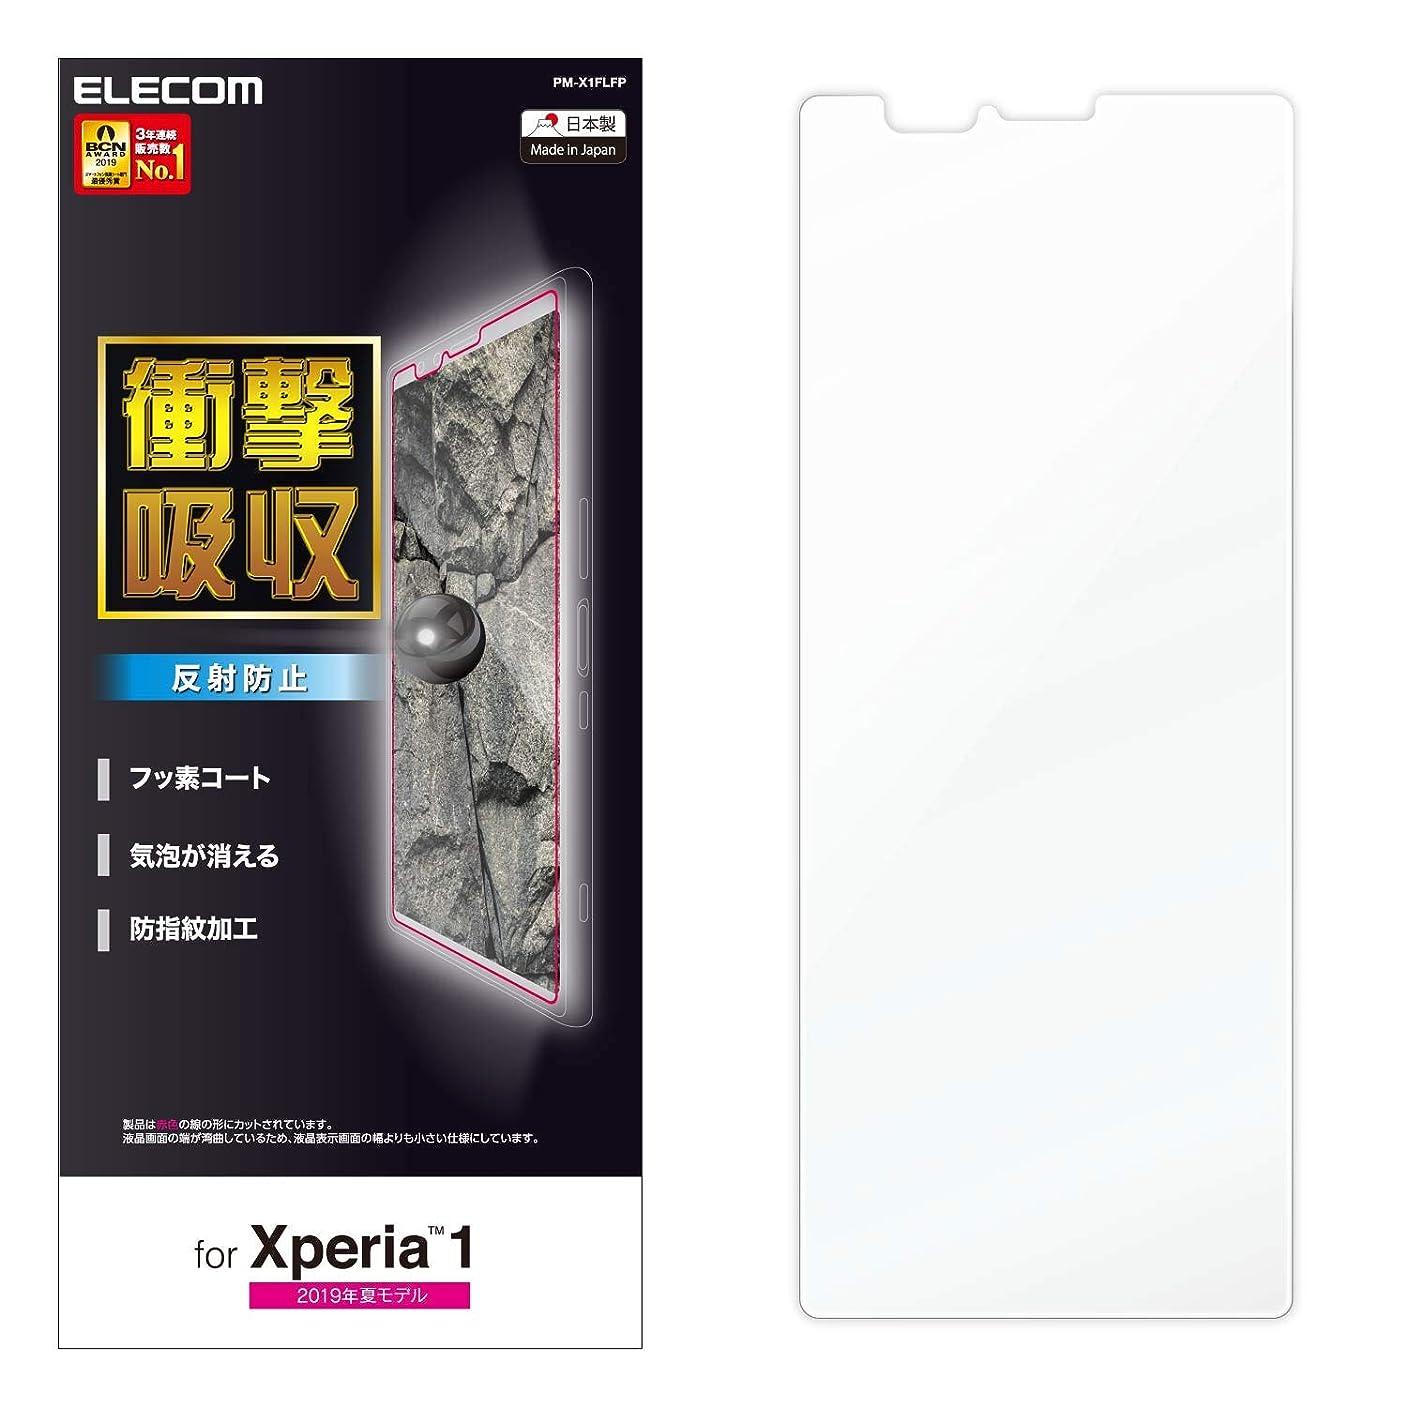 エレコム Xperia 1 フィルム SO-03L SOV40 衝撃吸収 指紋防止 反射防止